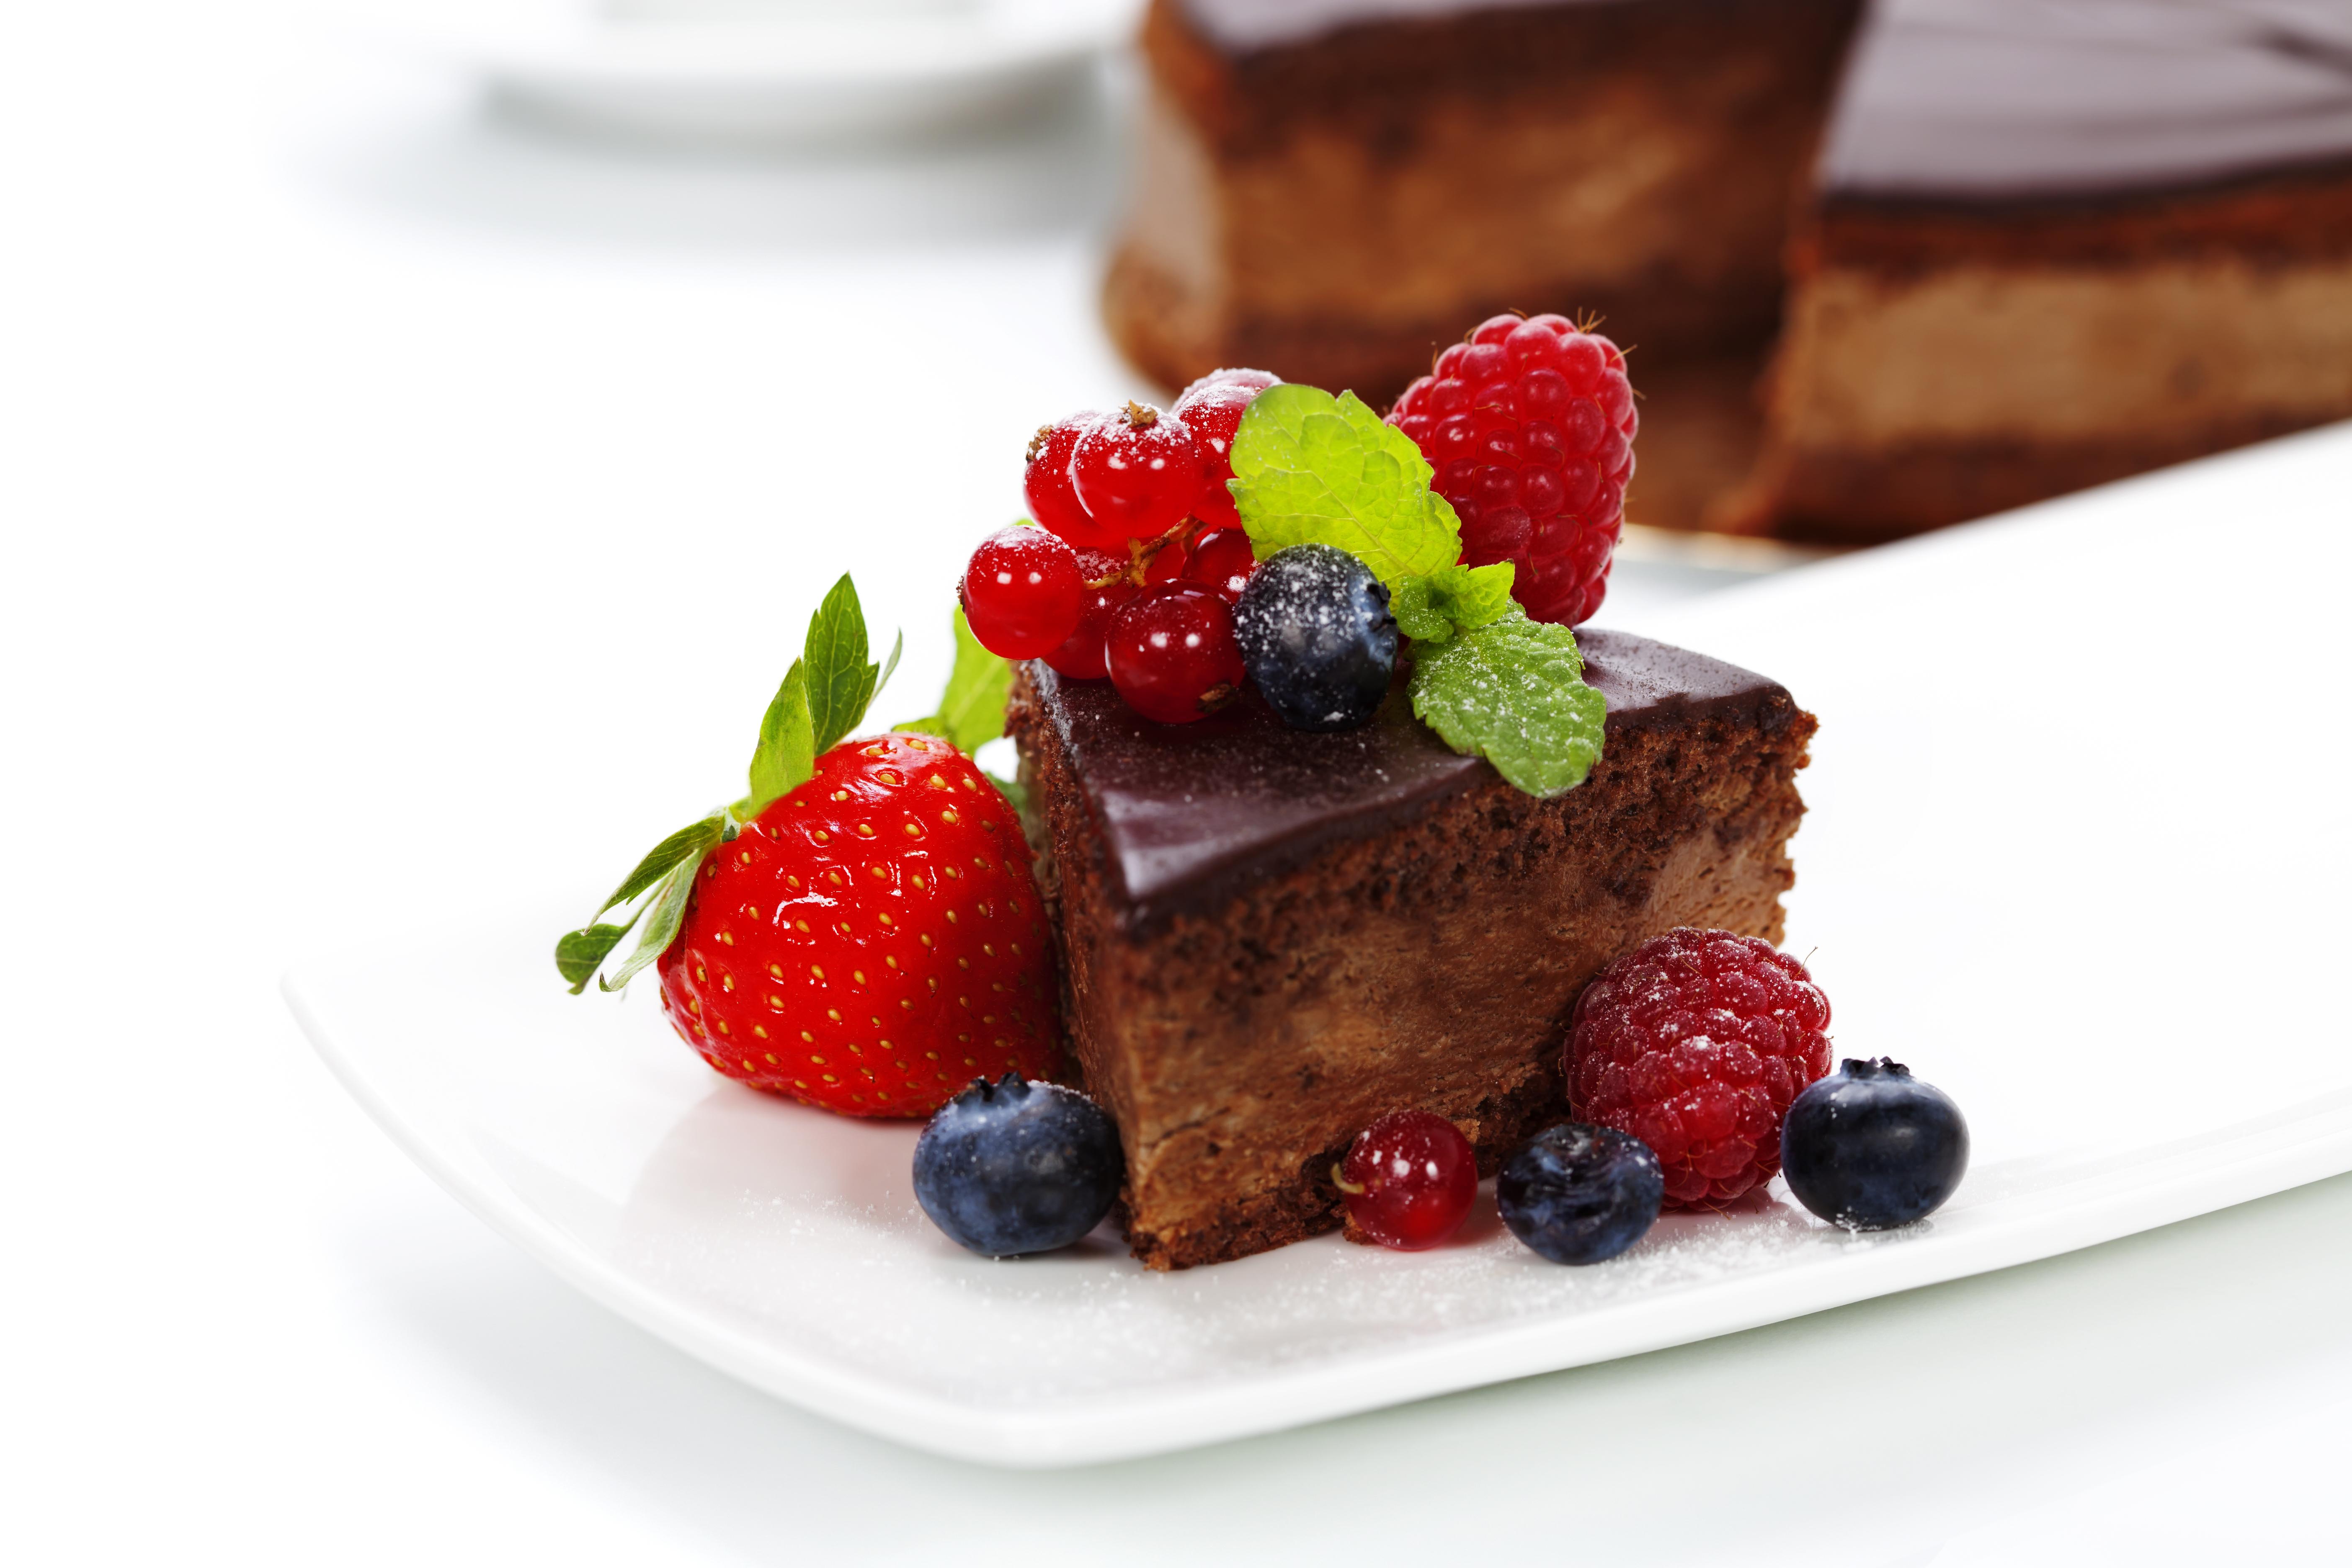 Белый торт с кусочками фруктов  № 2171466 бесплатно